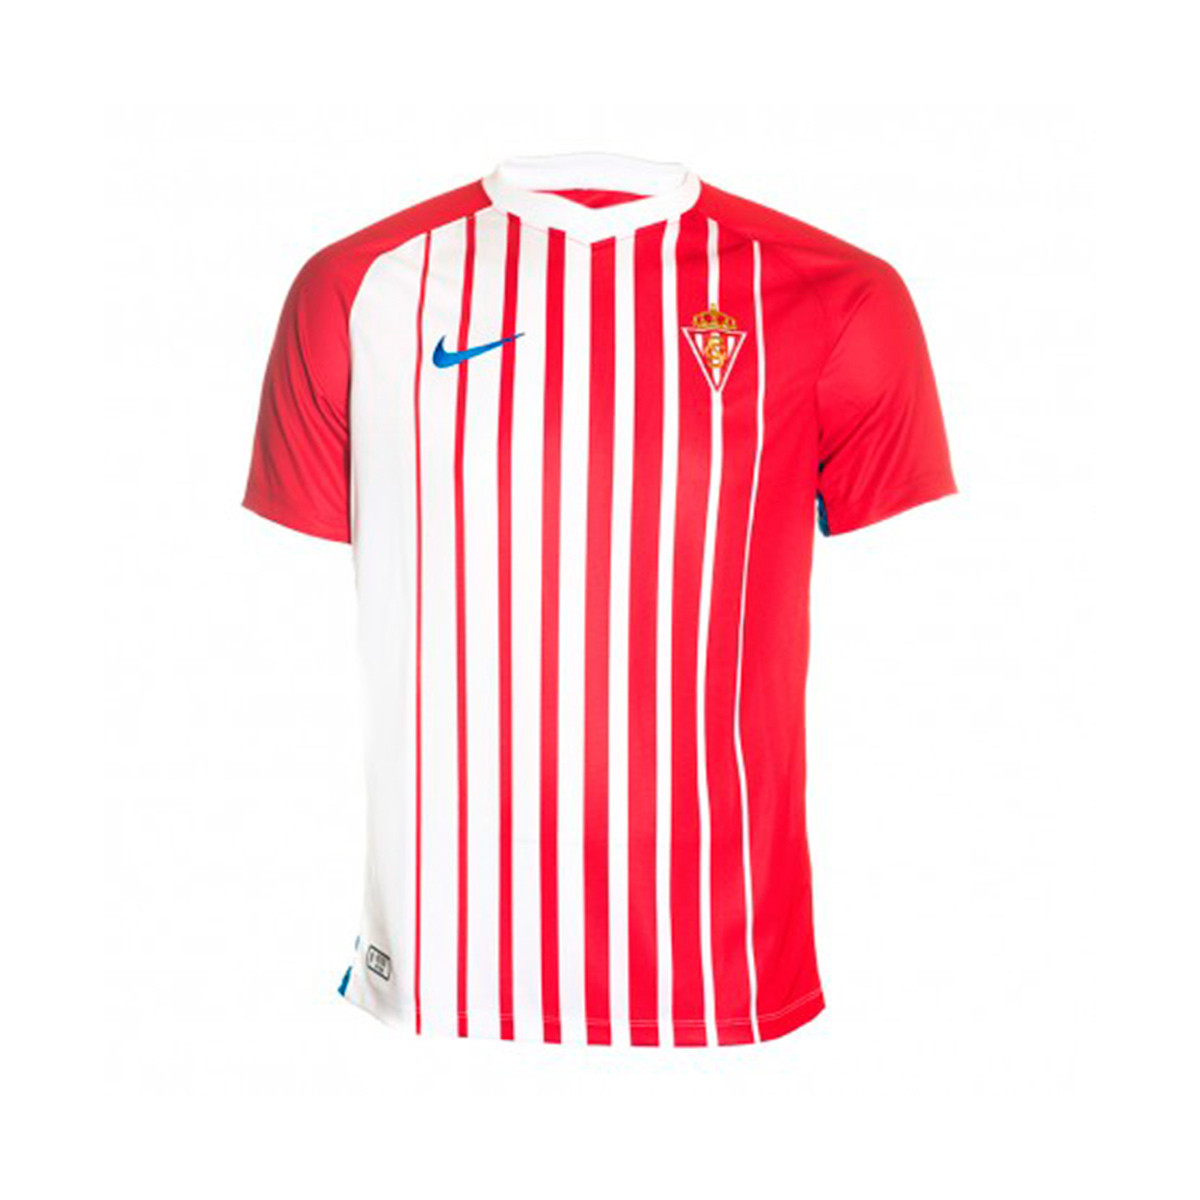 Jersey Nike Sporting de Gijón Primera Equipación 2019-2020 Niño White-Red -  Football store Fútbol Emotion